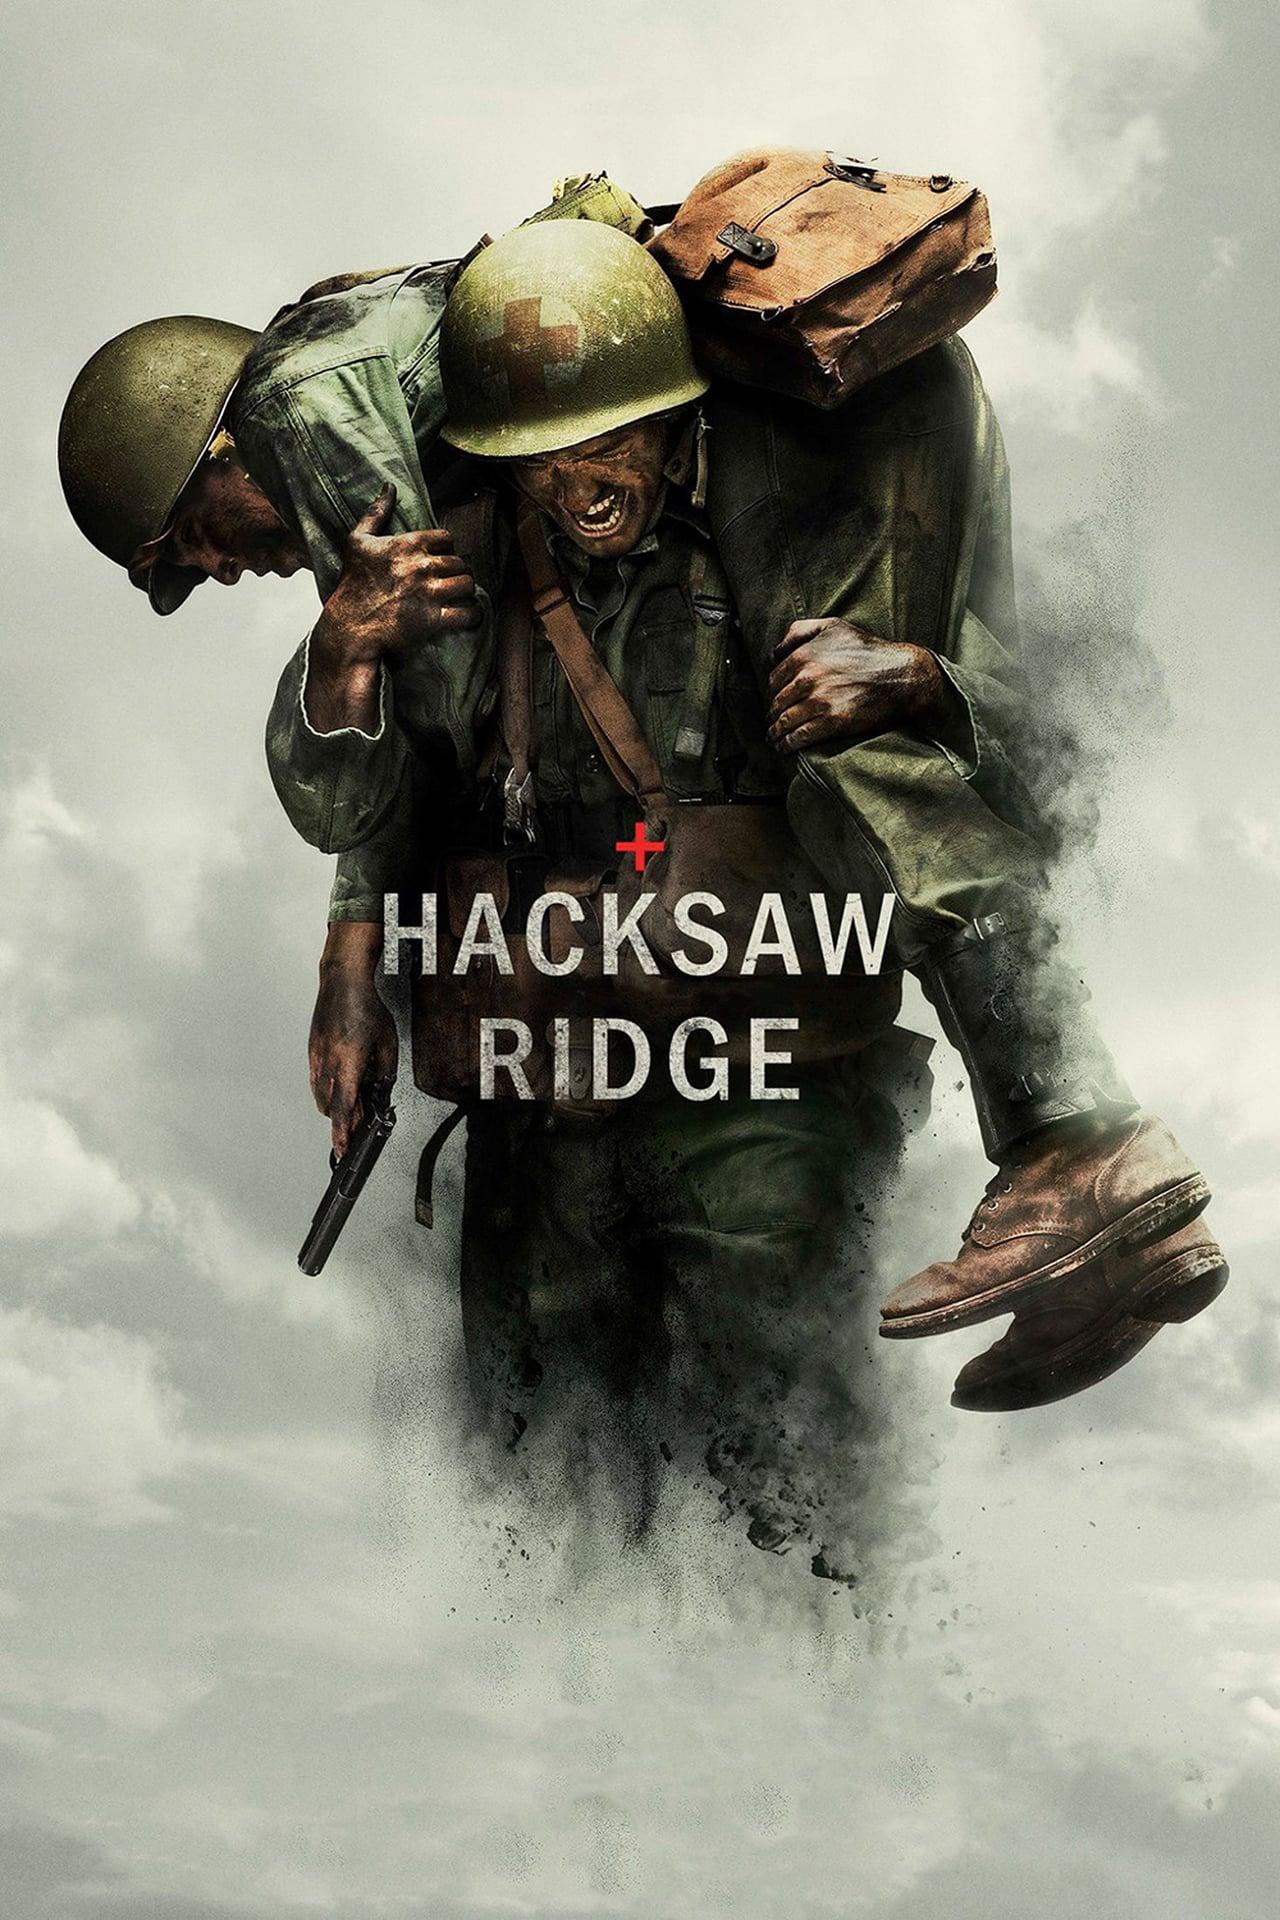 Hacksaw Ridge by Mel Gibson